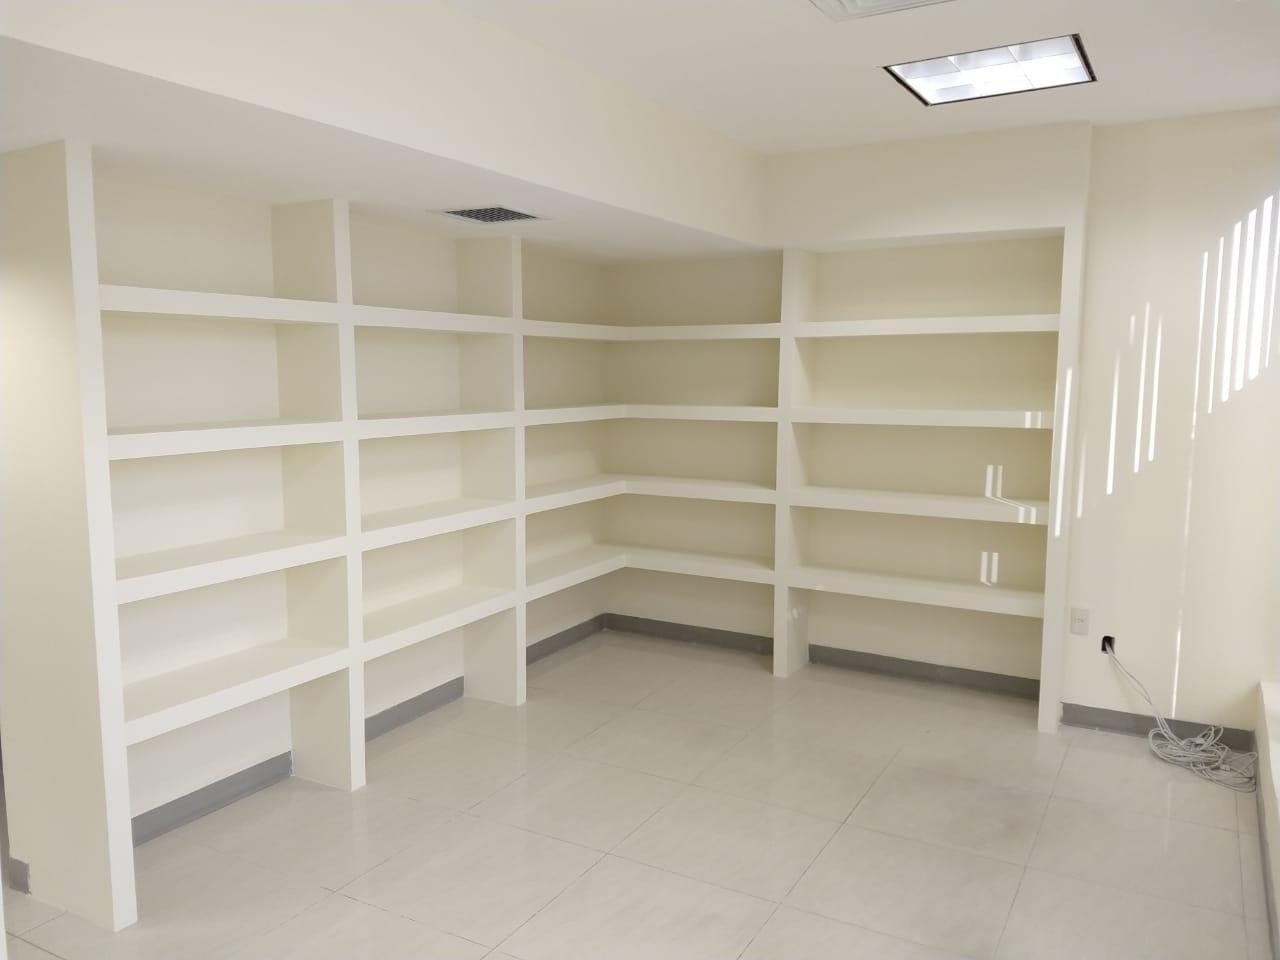 Libreros y closets de tablaroca